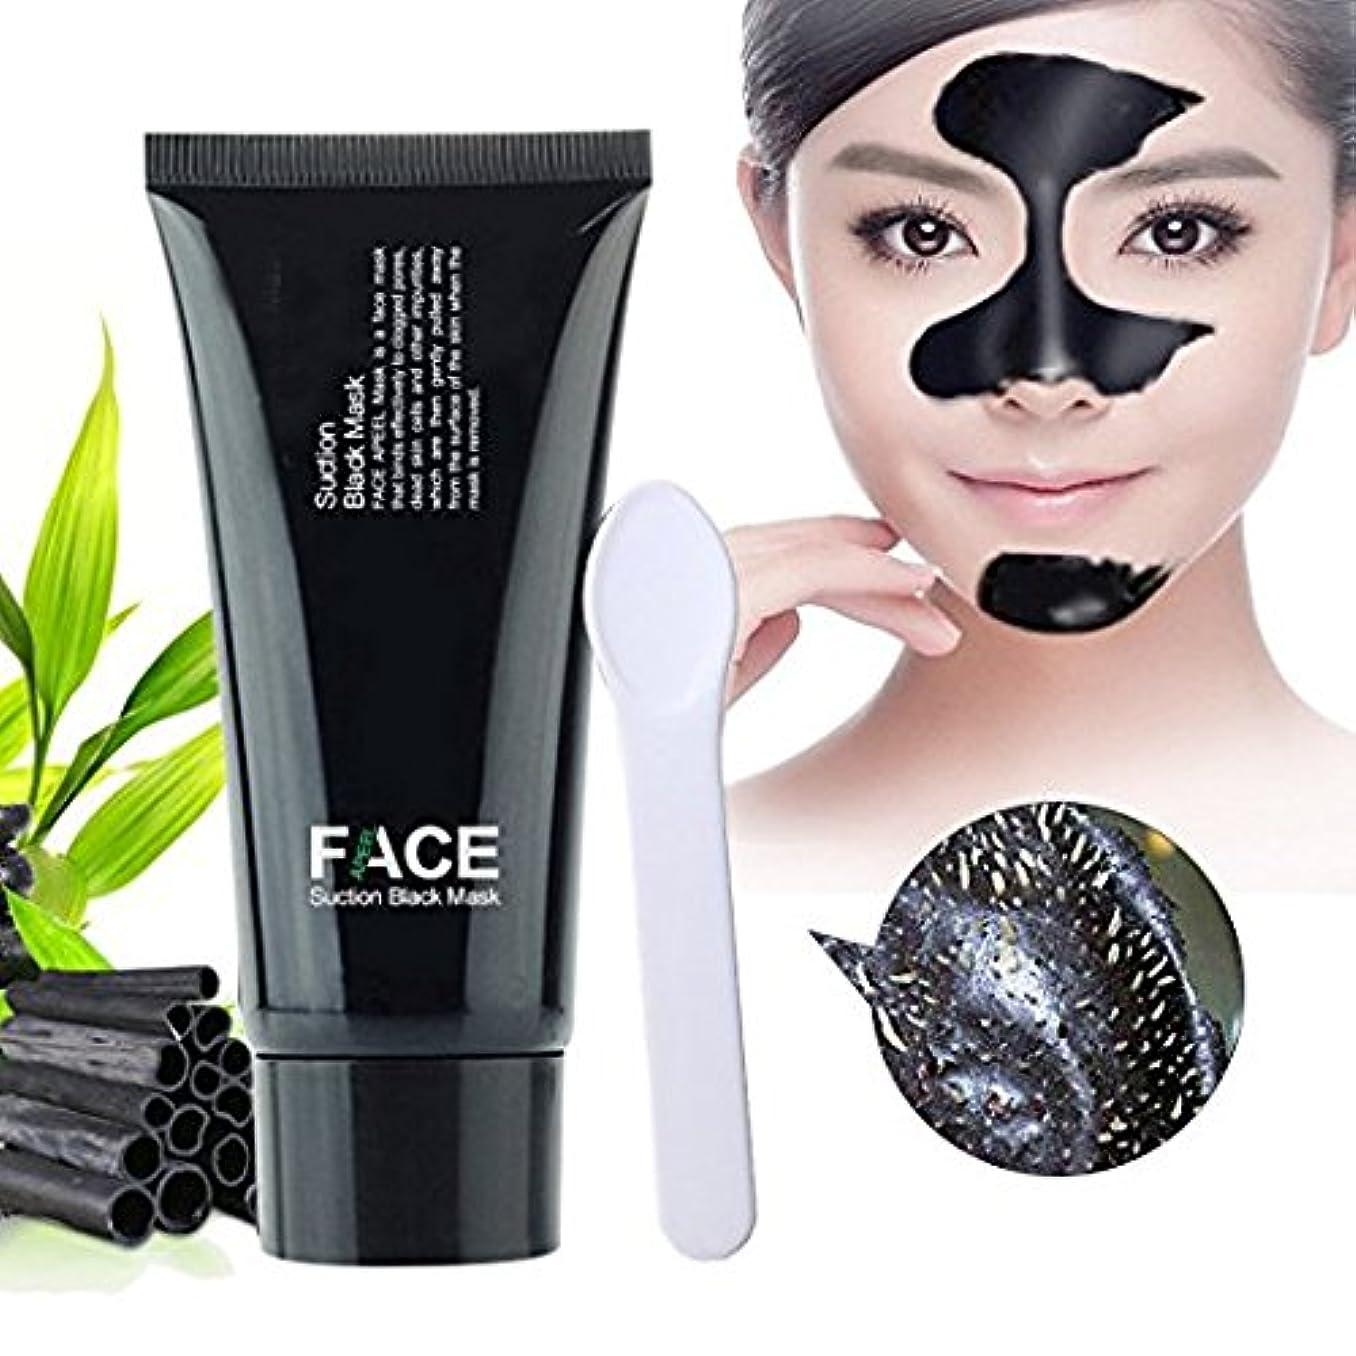 代表メロドラマティック入浴Blackhead Remover Mask, FaceApeel-Peel Off Black Head Acne Treatments,Face Cleaning Mask+Spoon